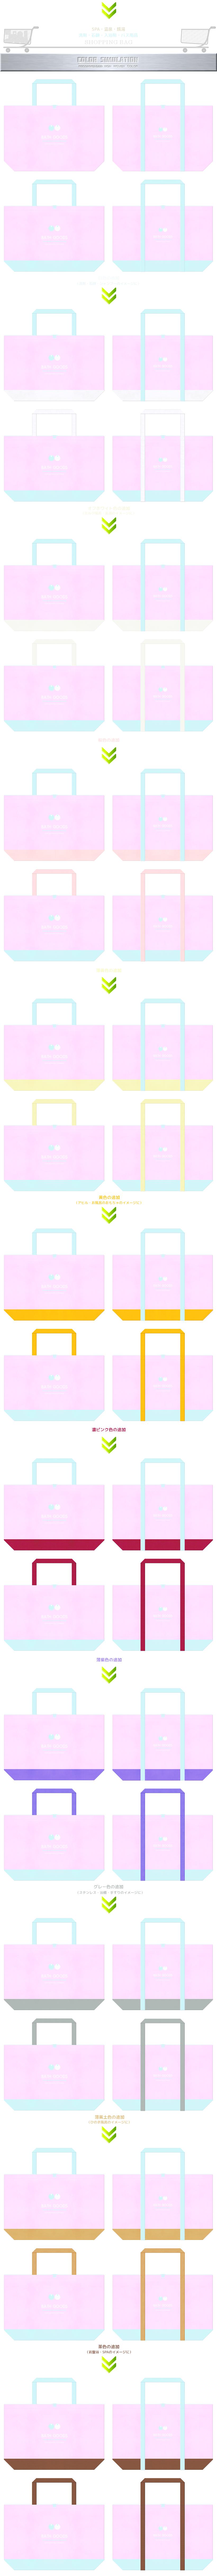 パステルピンク色と水色を使用した、ガーリーデザインの不織布ショッピングバッグのカラーシミュレーション:SPA・温泉・銭湯・洗剤・石鹸・入力剤・バス用品のショッピングバッグにお奨めです。